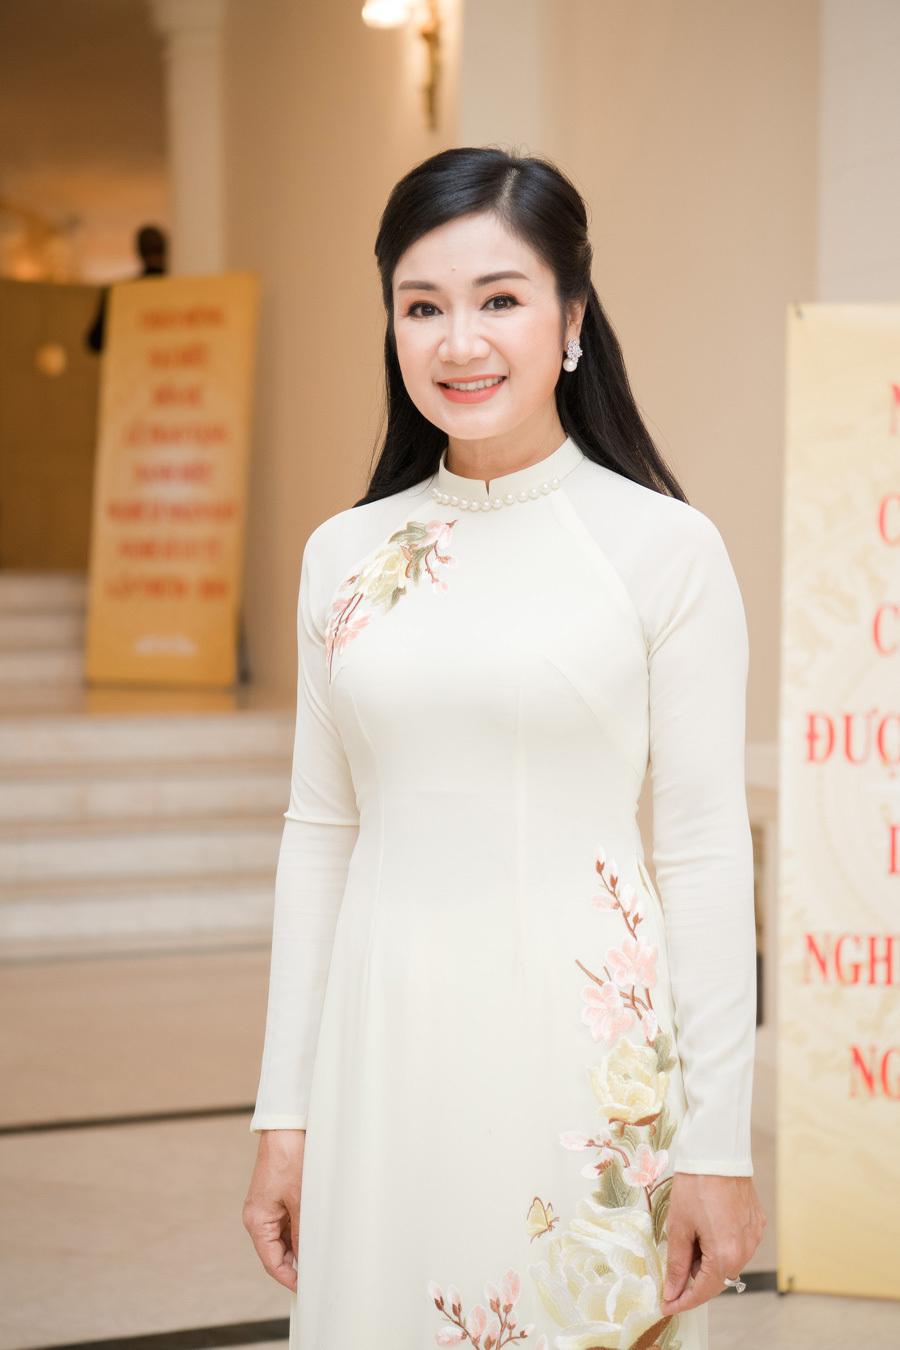 NSND Thu Hà 'lá ngọc cành vàng' trẻ đẹp U50